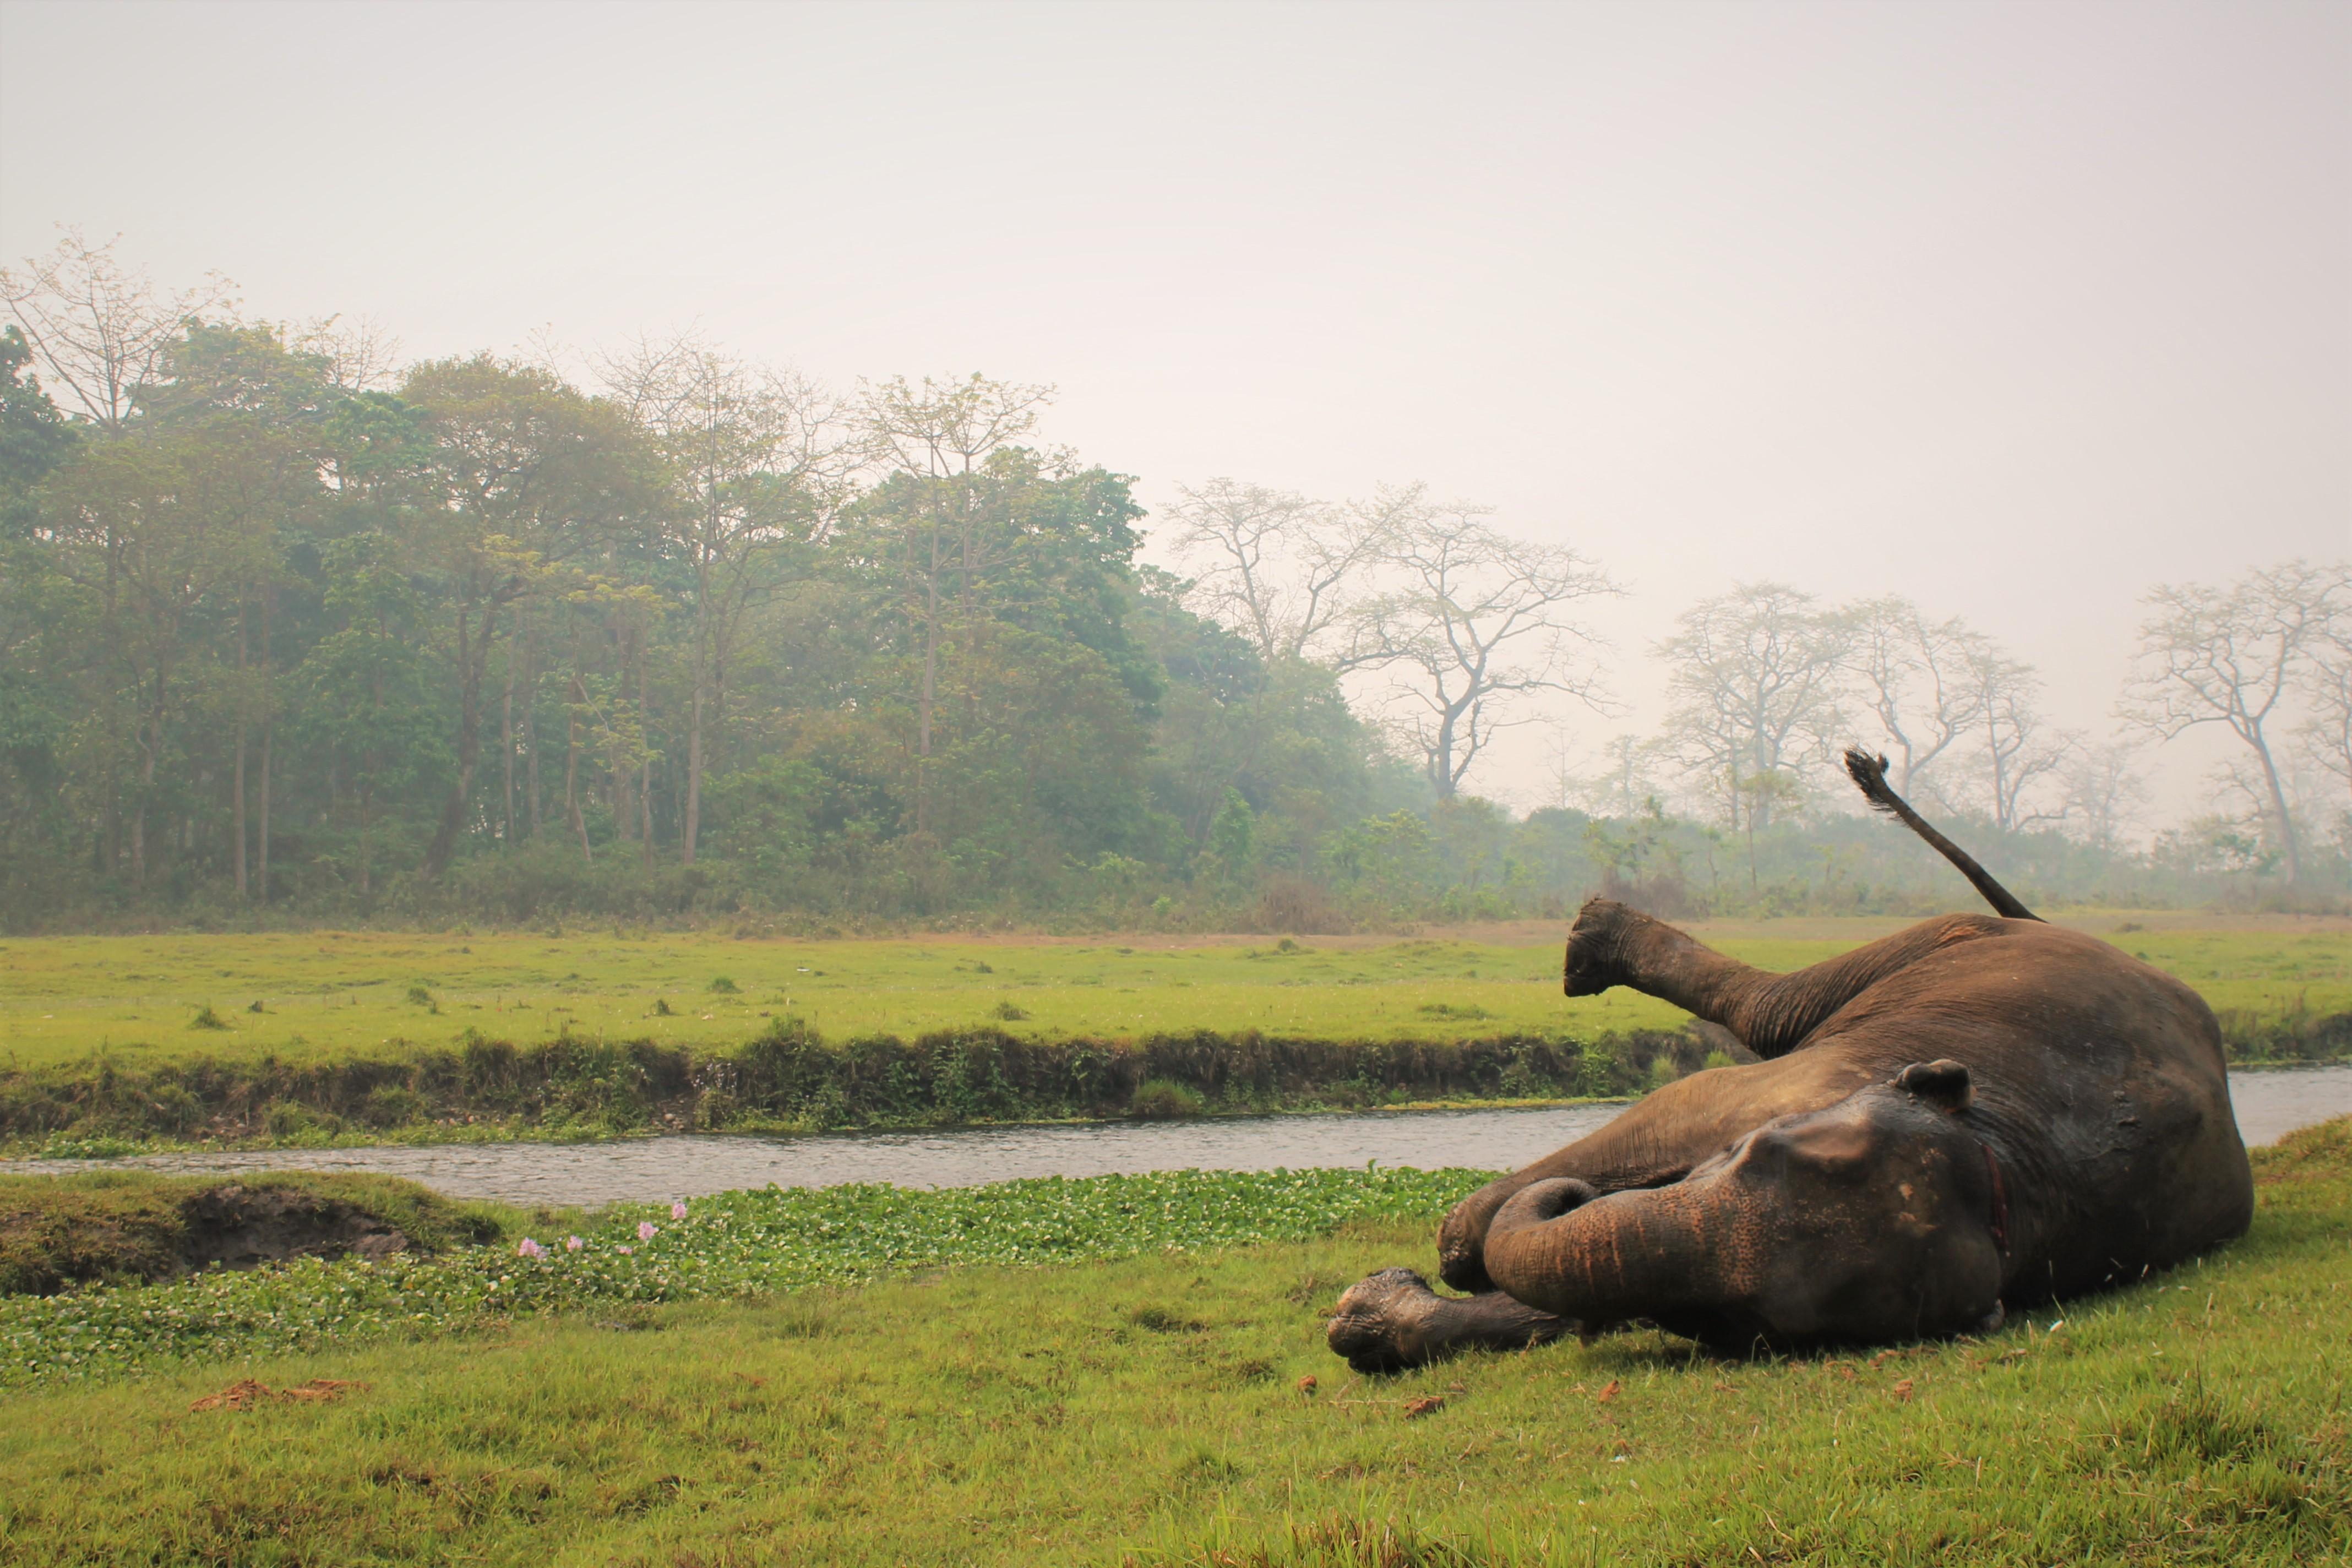 Elefantendame Rupa wälzt sich im Gras